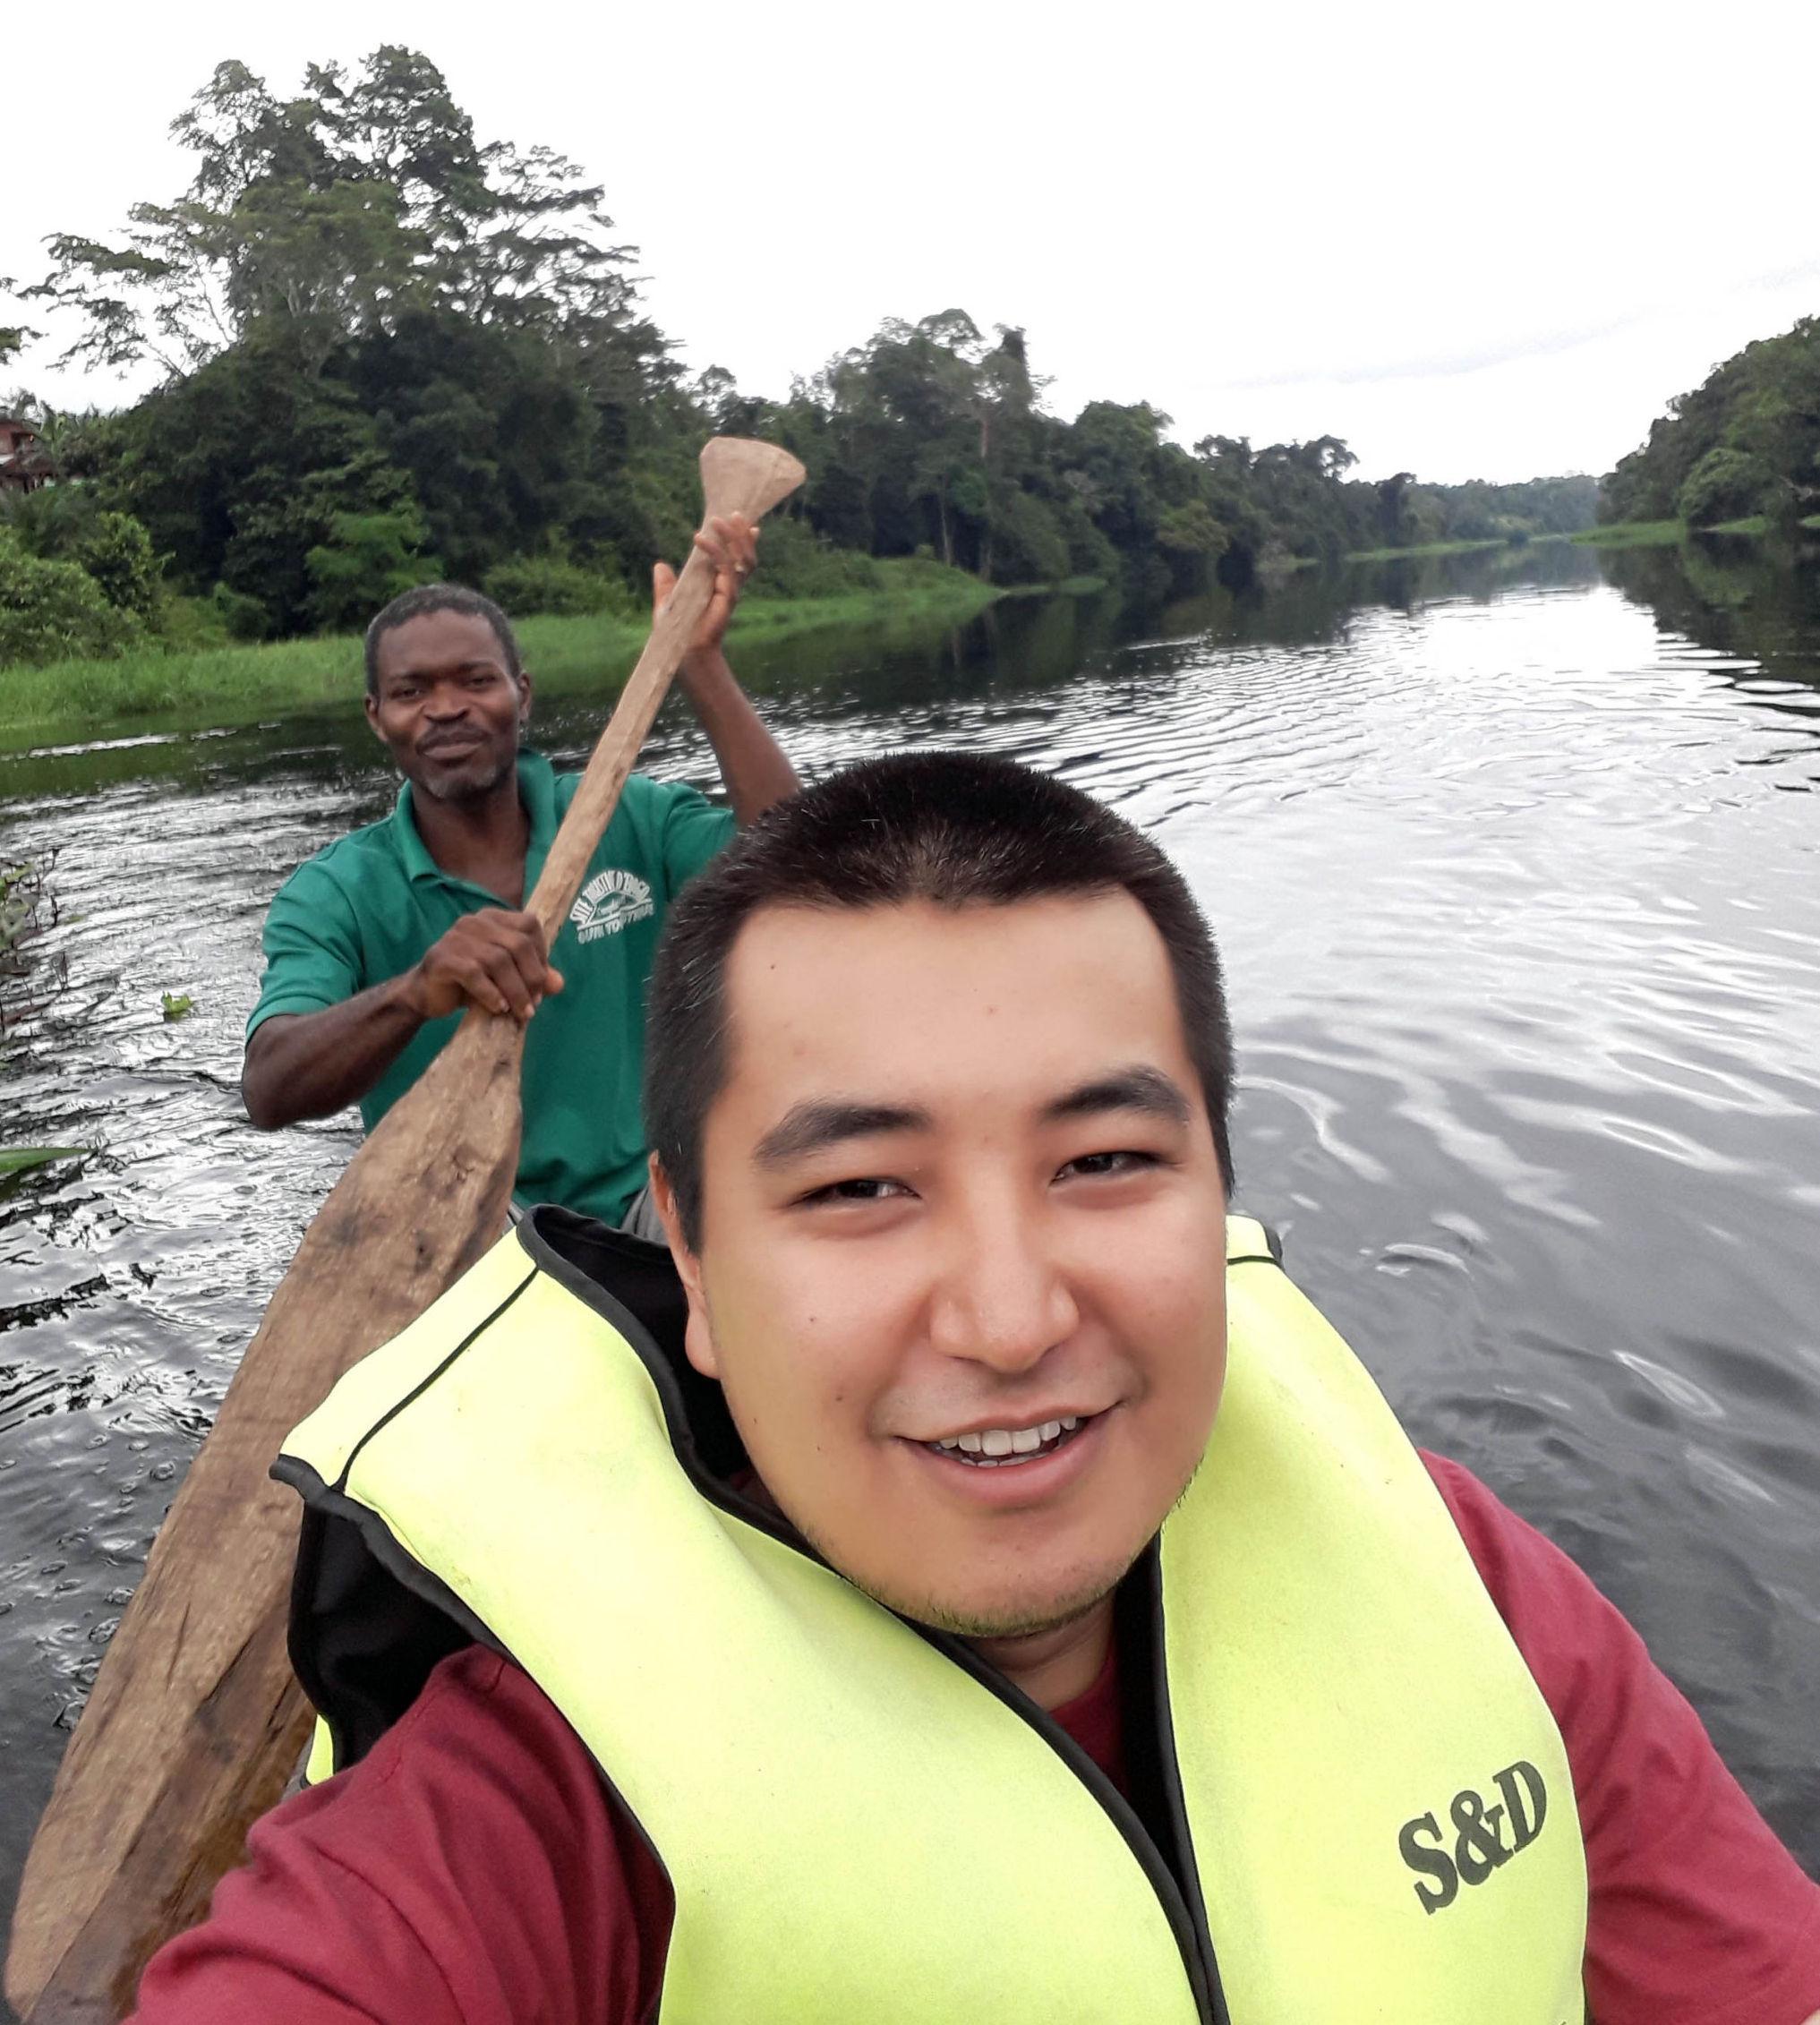 Кыргызстанец Чингиз Мансуров  на прогулке на каноэ на реке Ньонг, Камерун